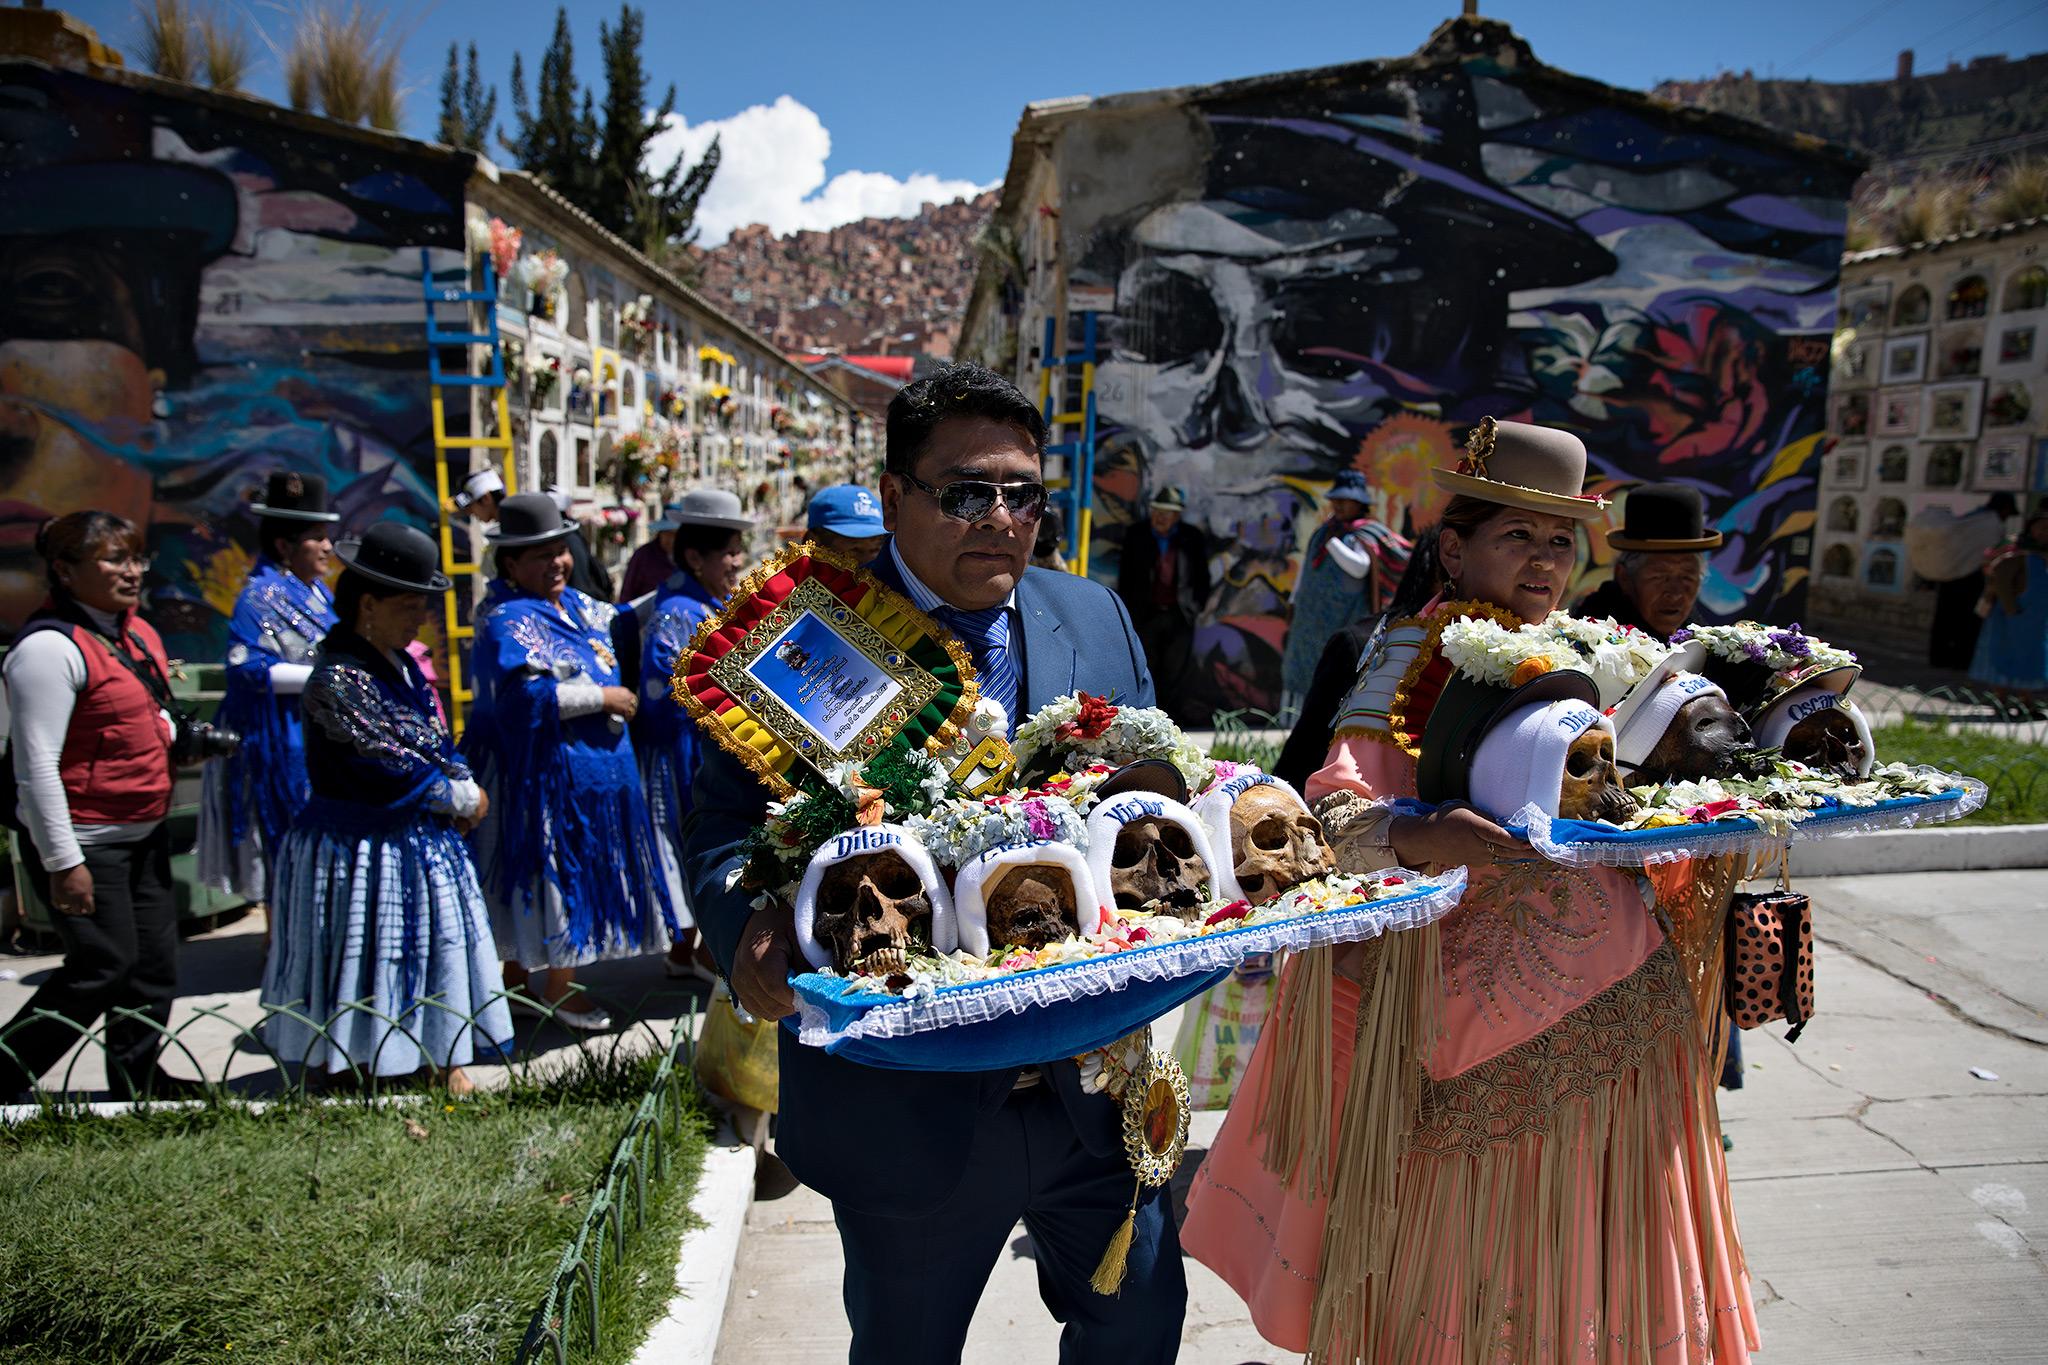 skulls-las-natitas-la-paz-bolivia06.jpg